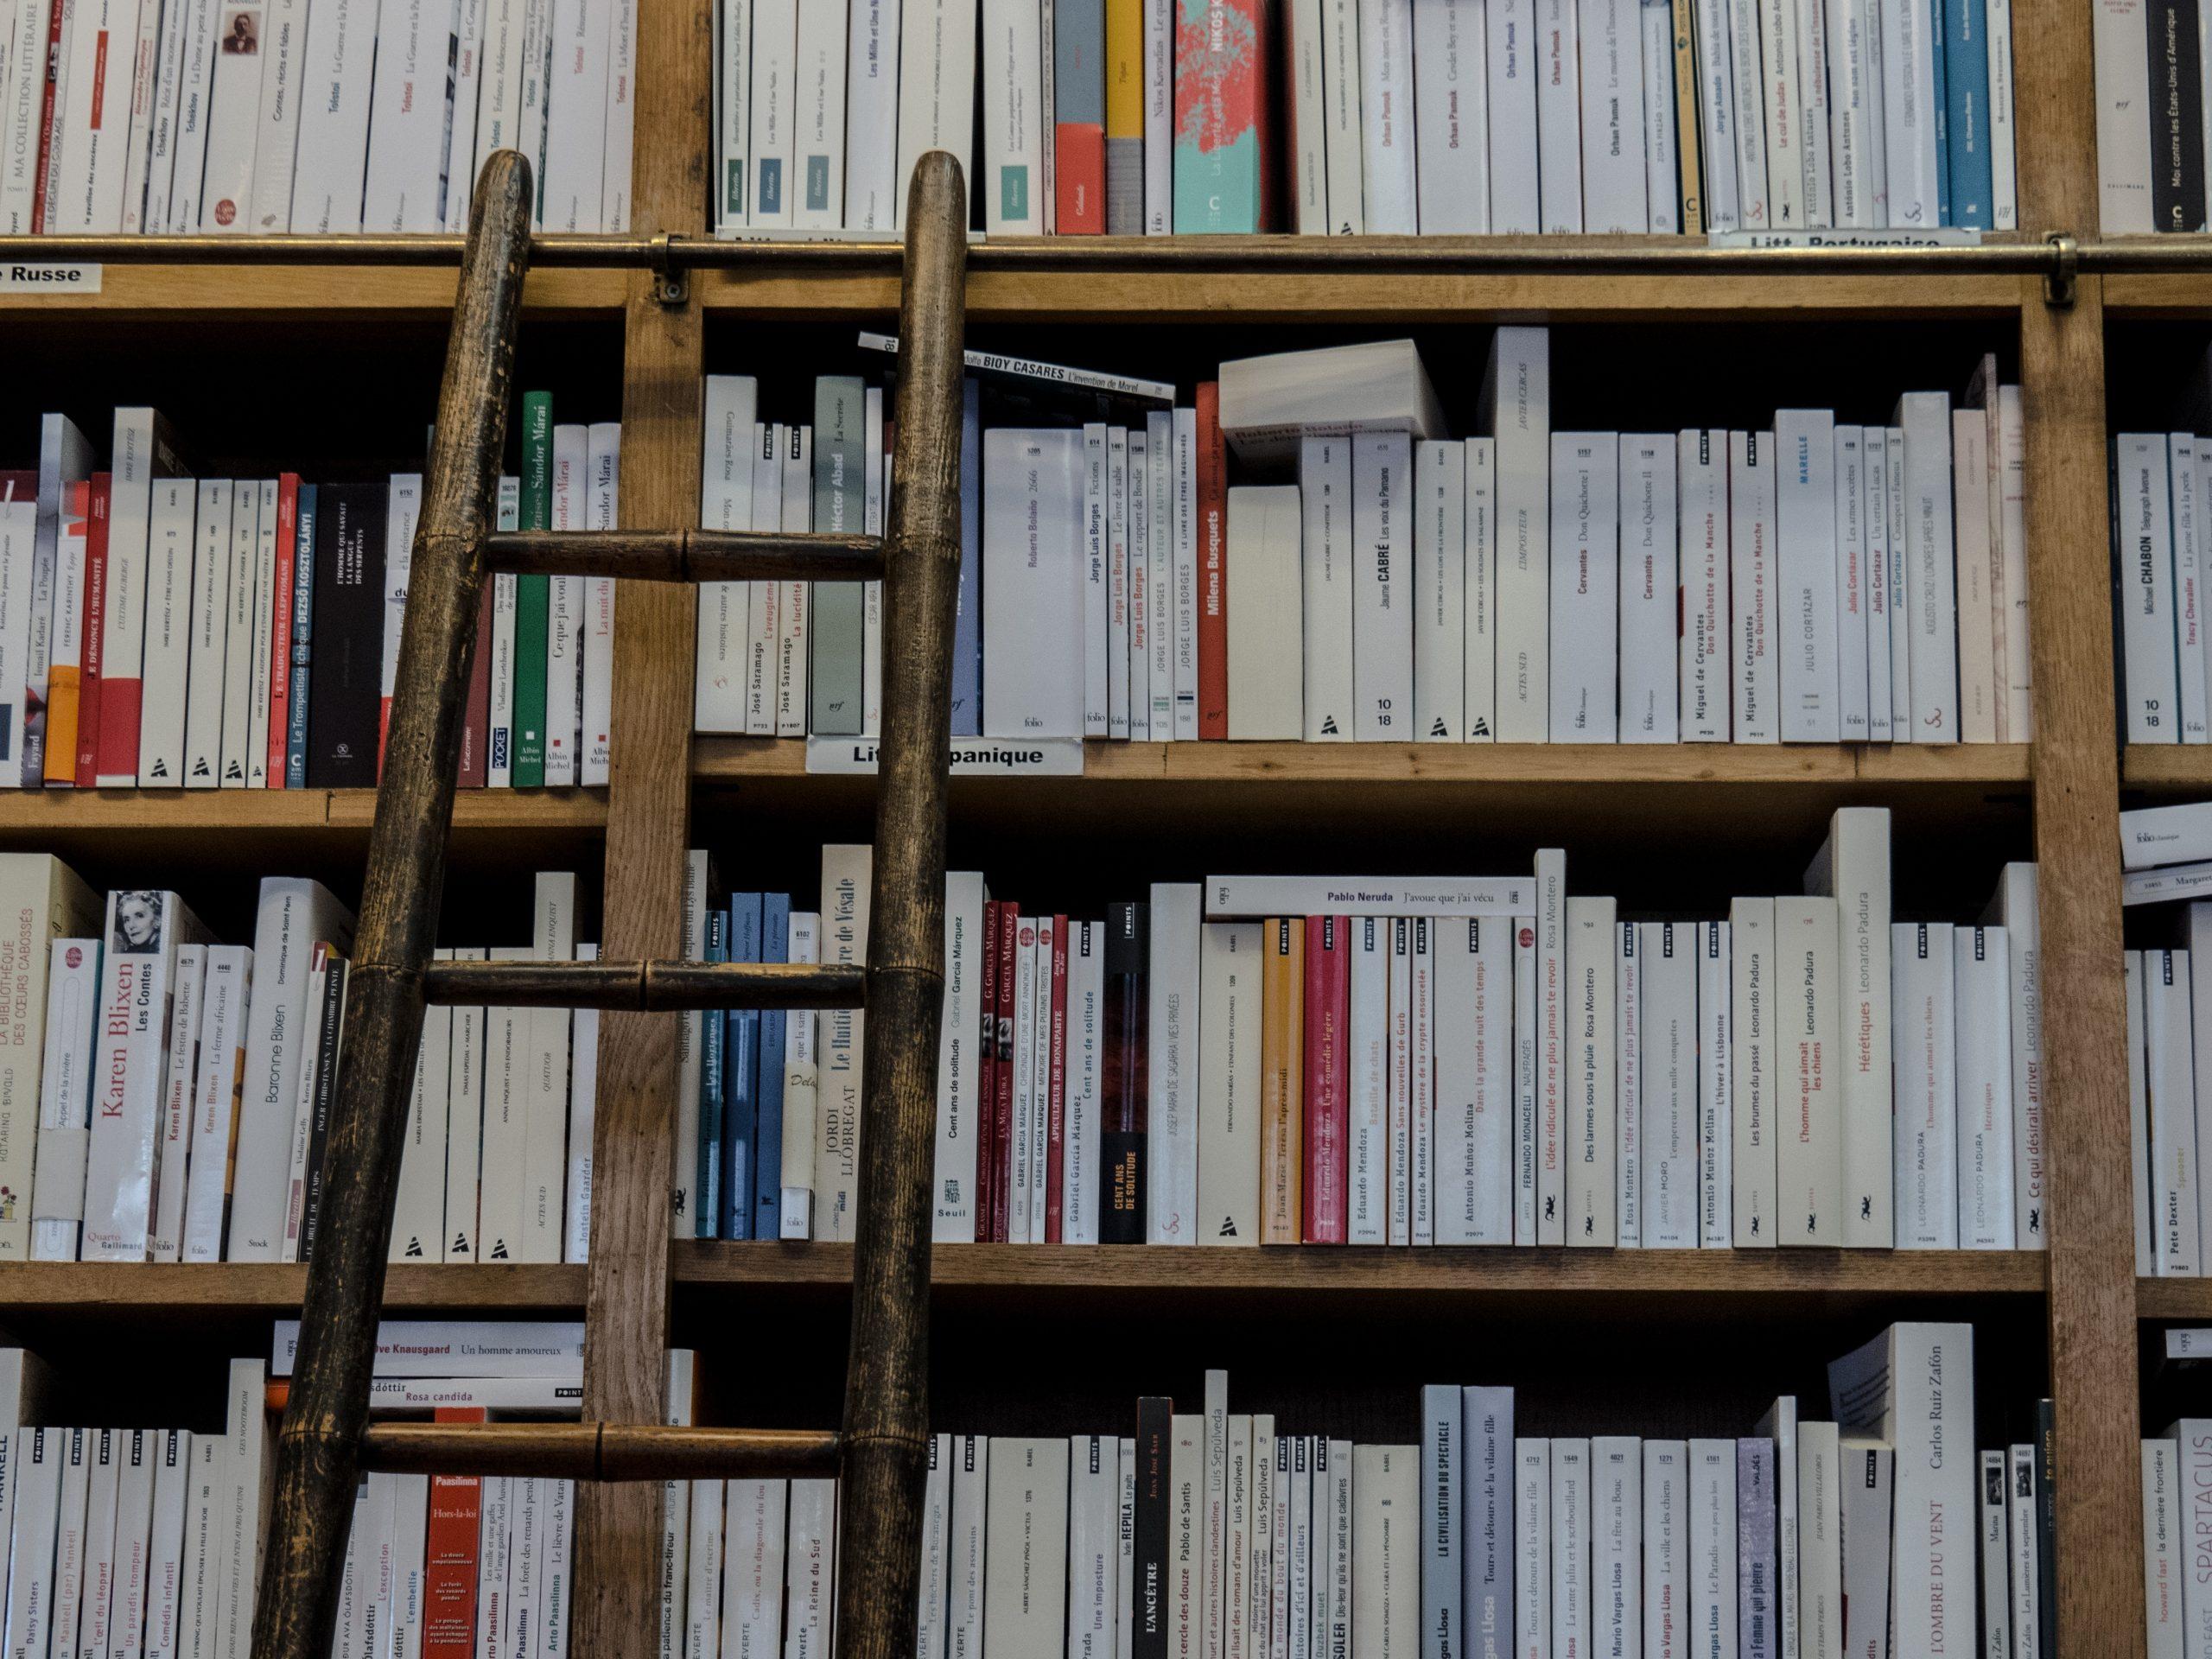 Les librairies sont essentielles !